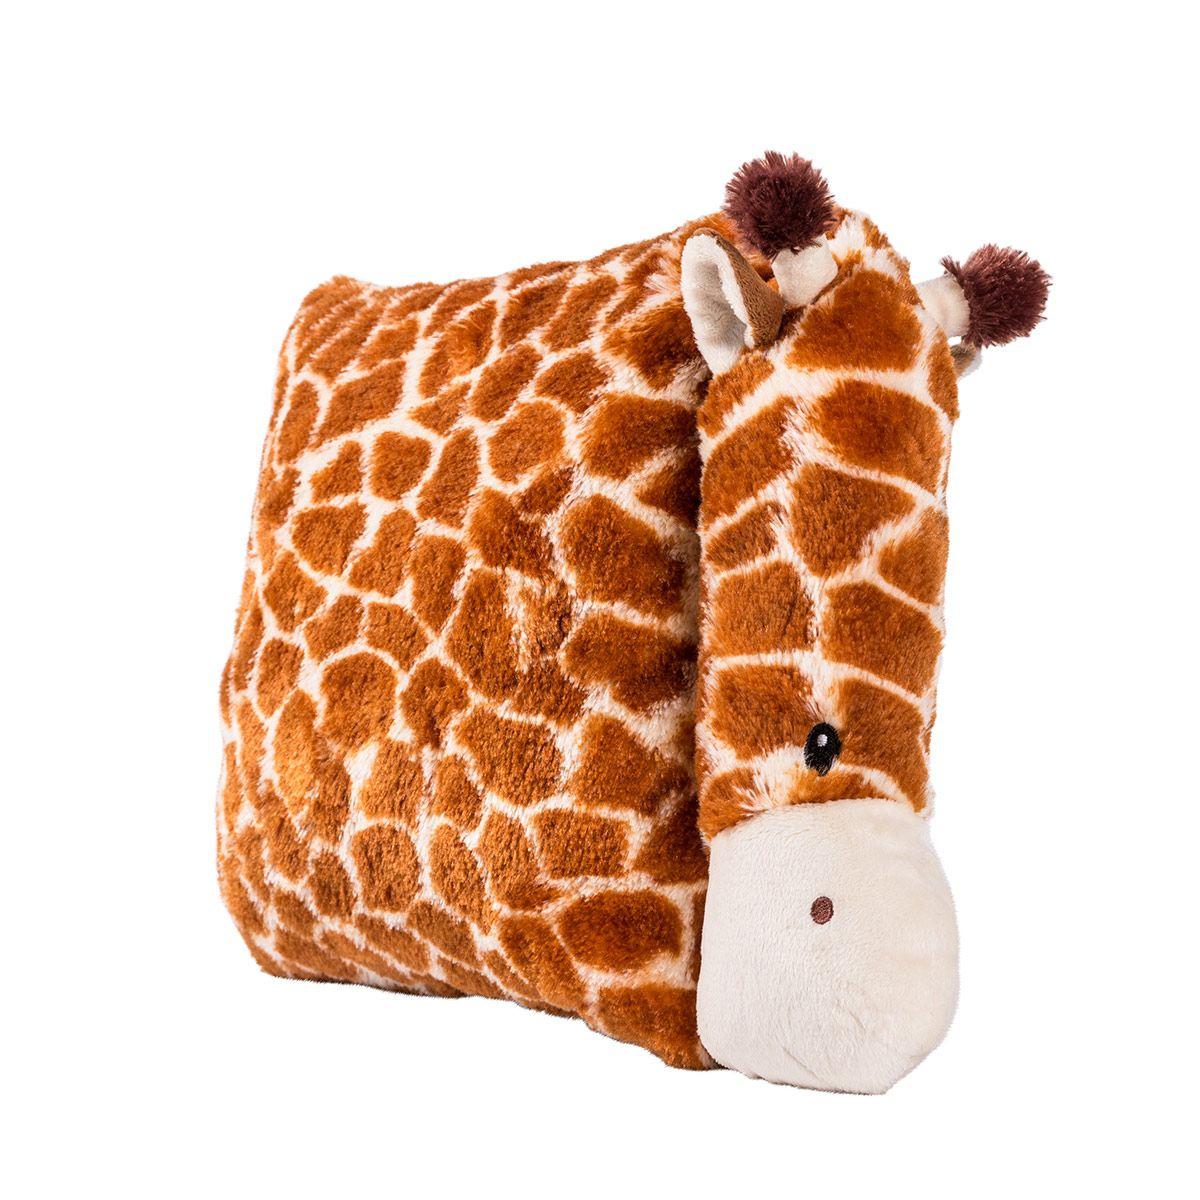 Coussin Girafe - Autres Jeux - La Grande Récré destiné Jeux De Girafe Gratuit